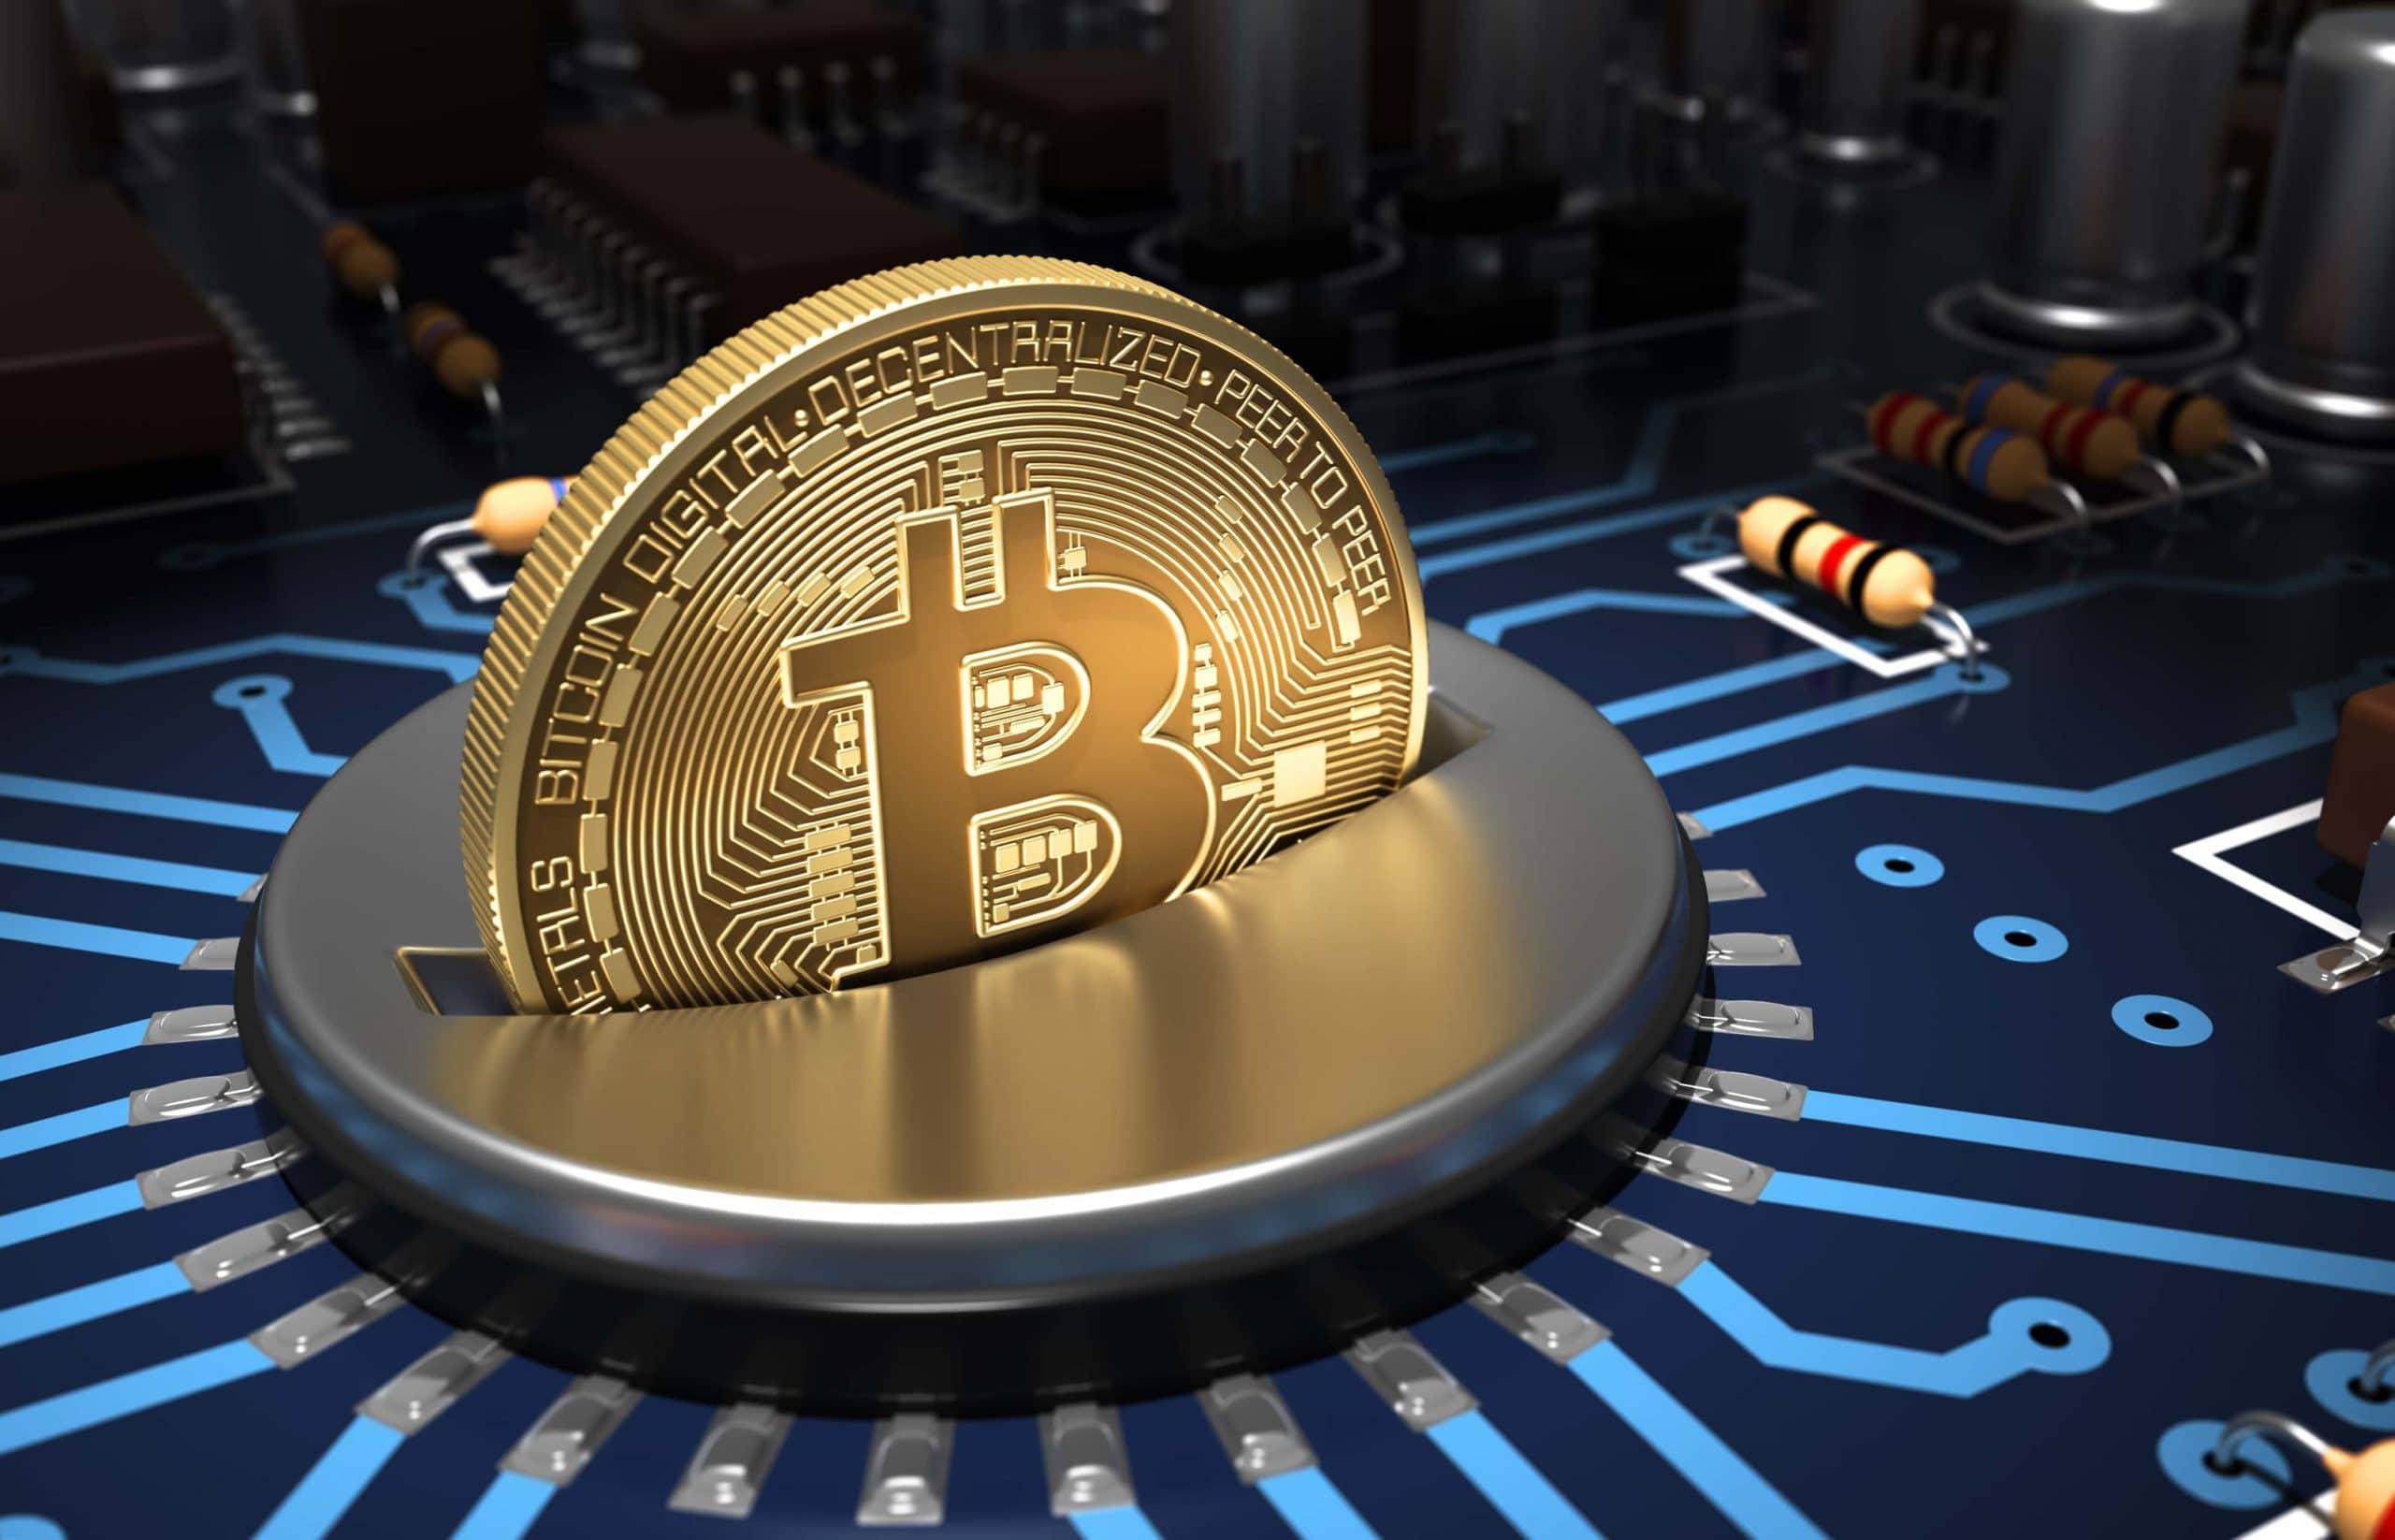 Bitcoin-Münze in einem Computerchip